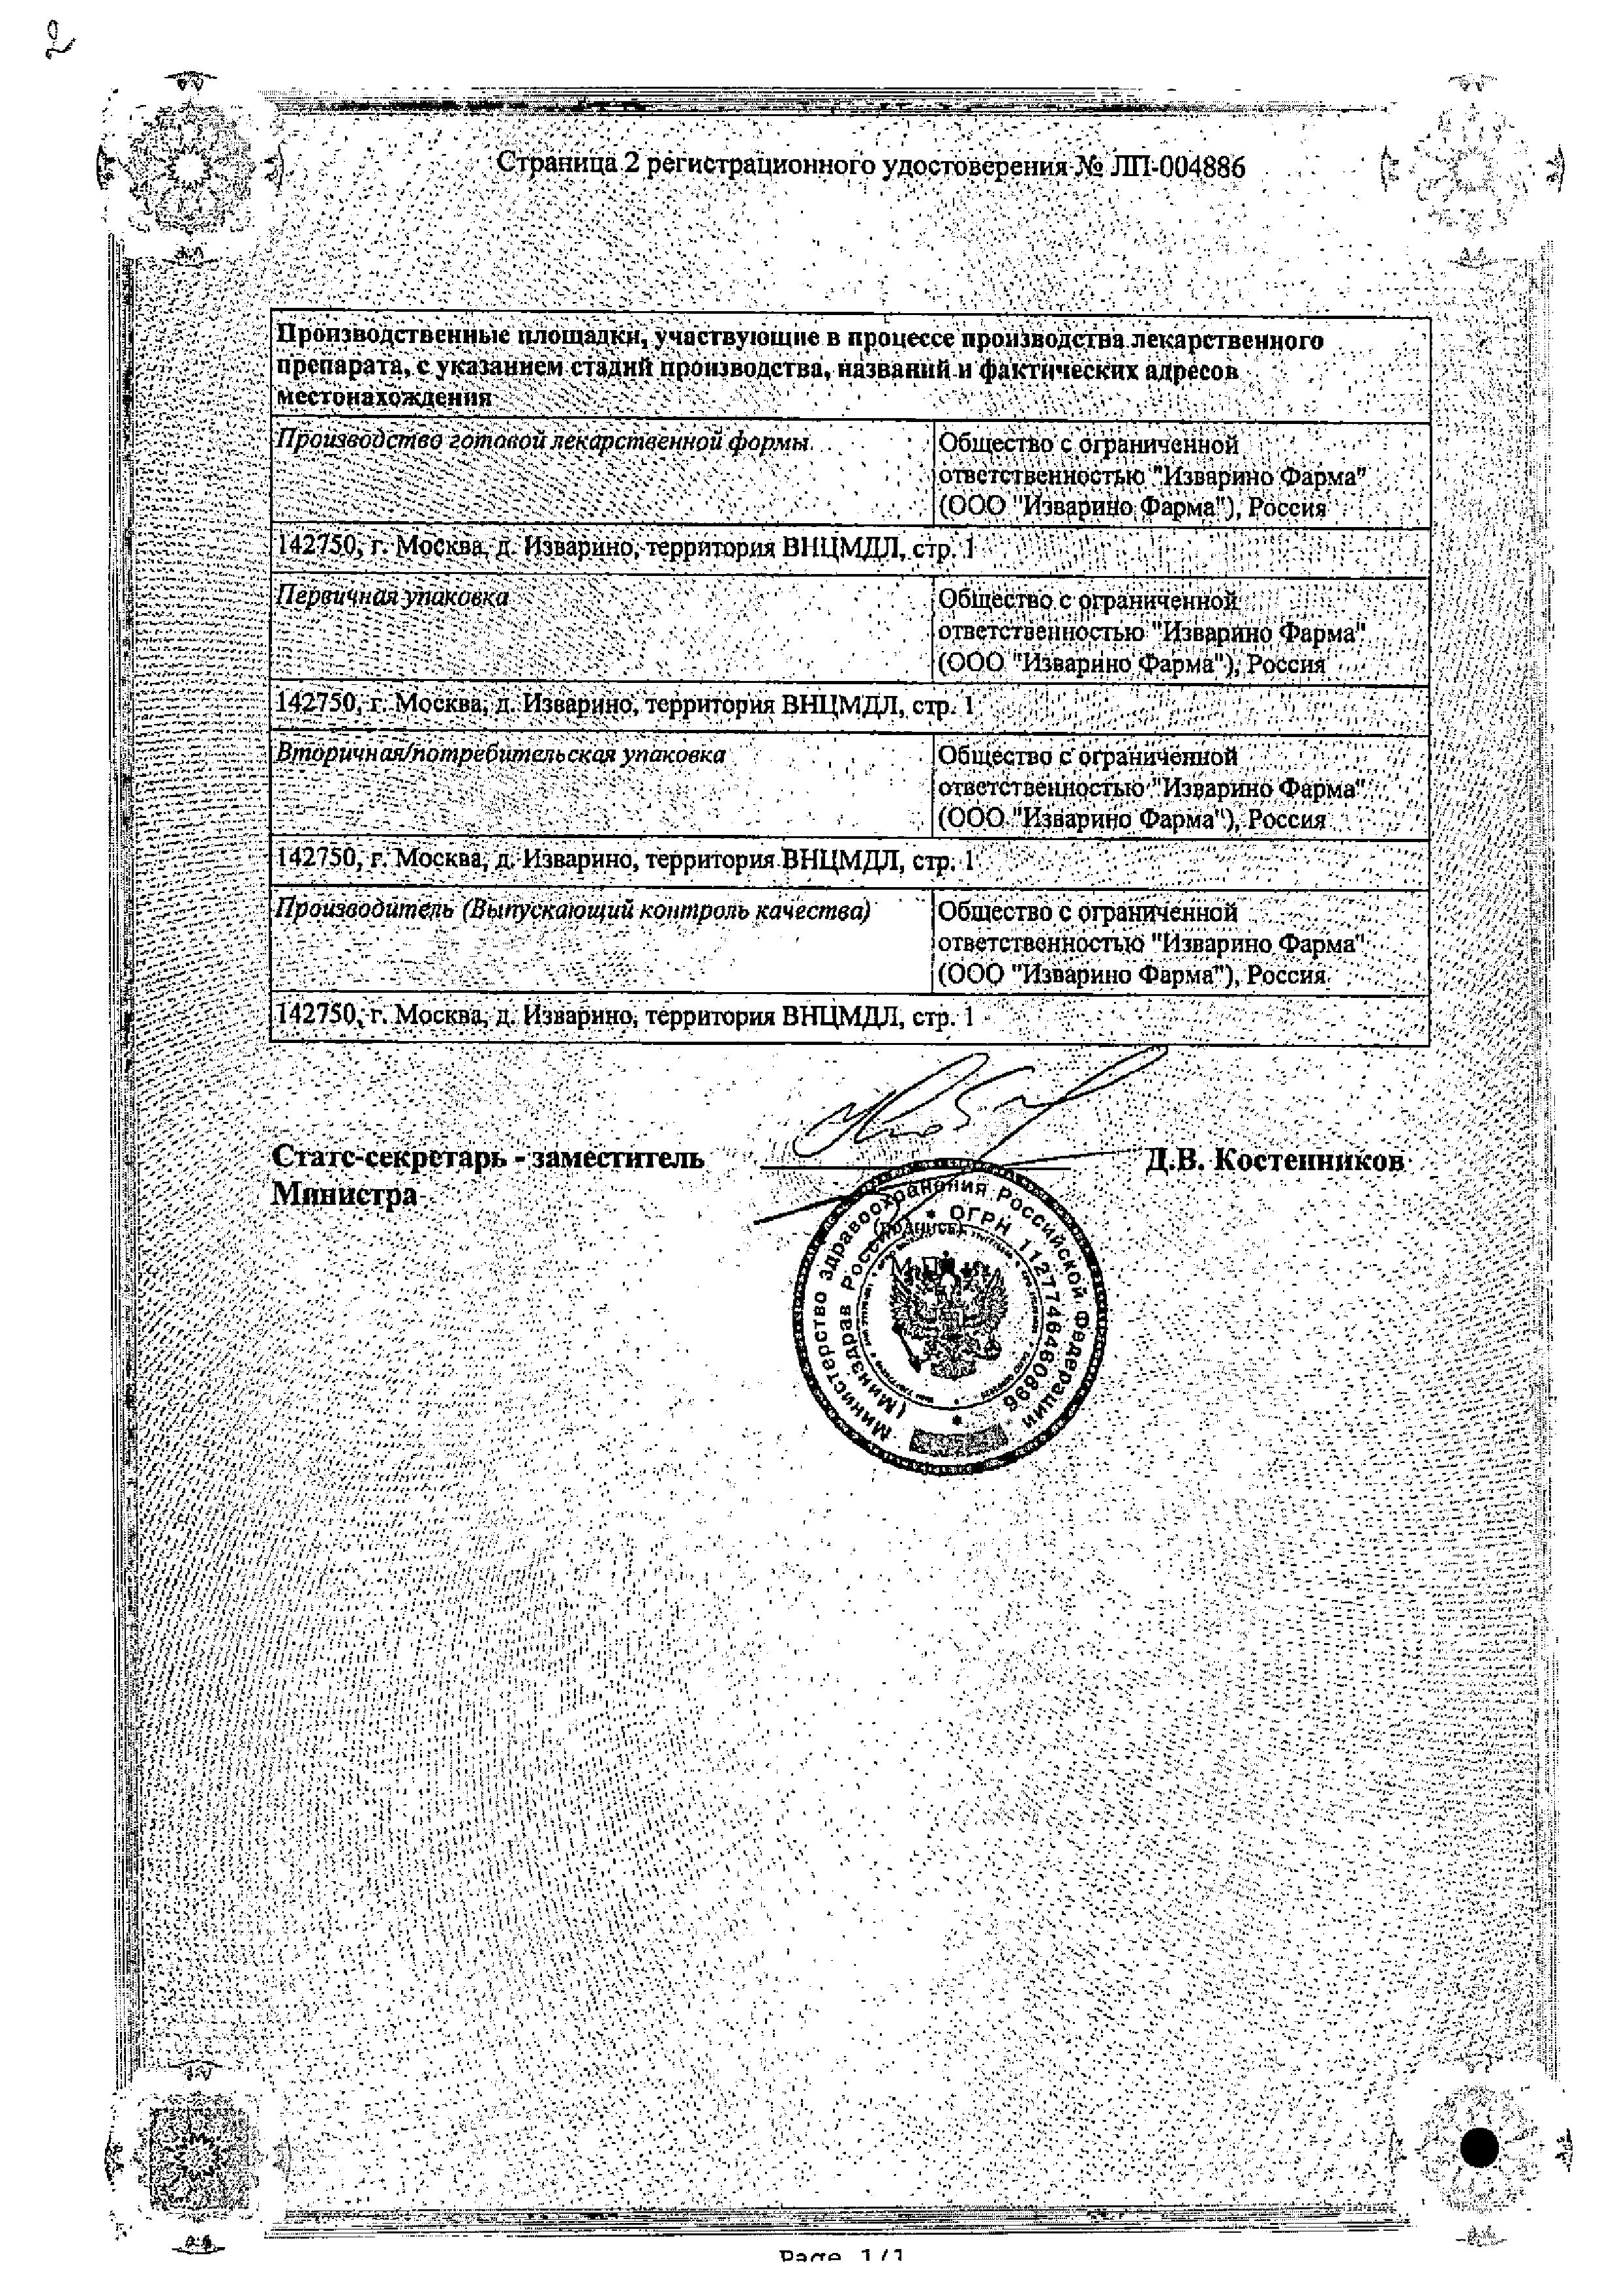 Мемантин сертификат